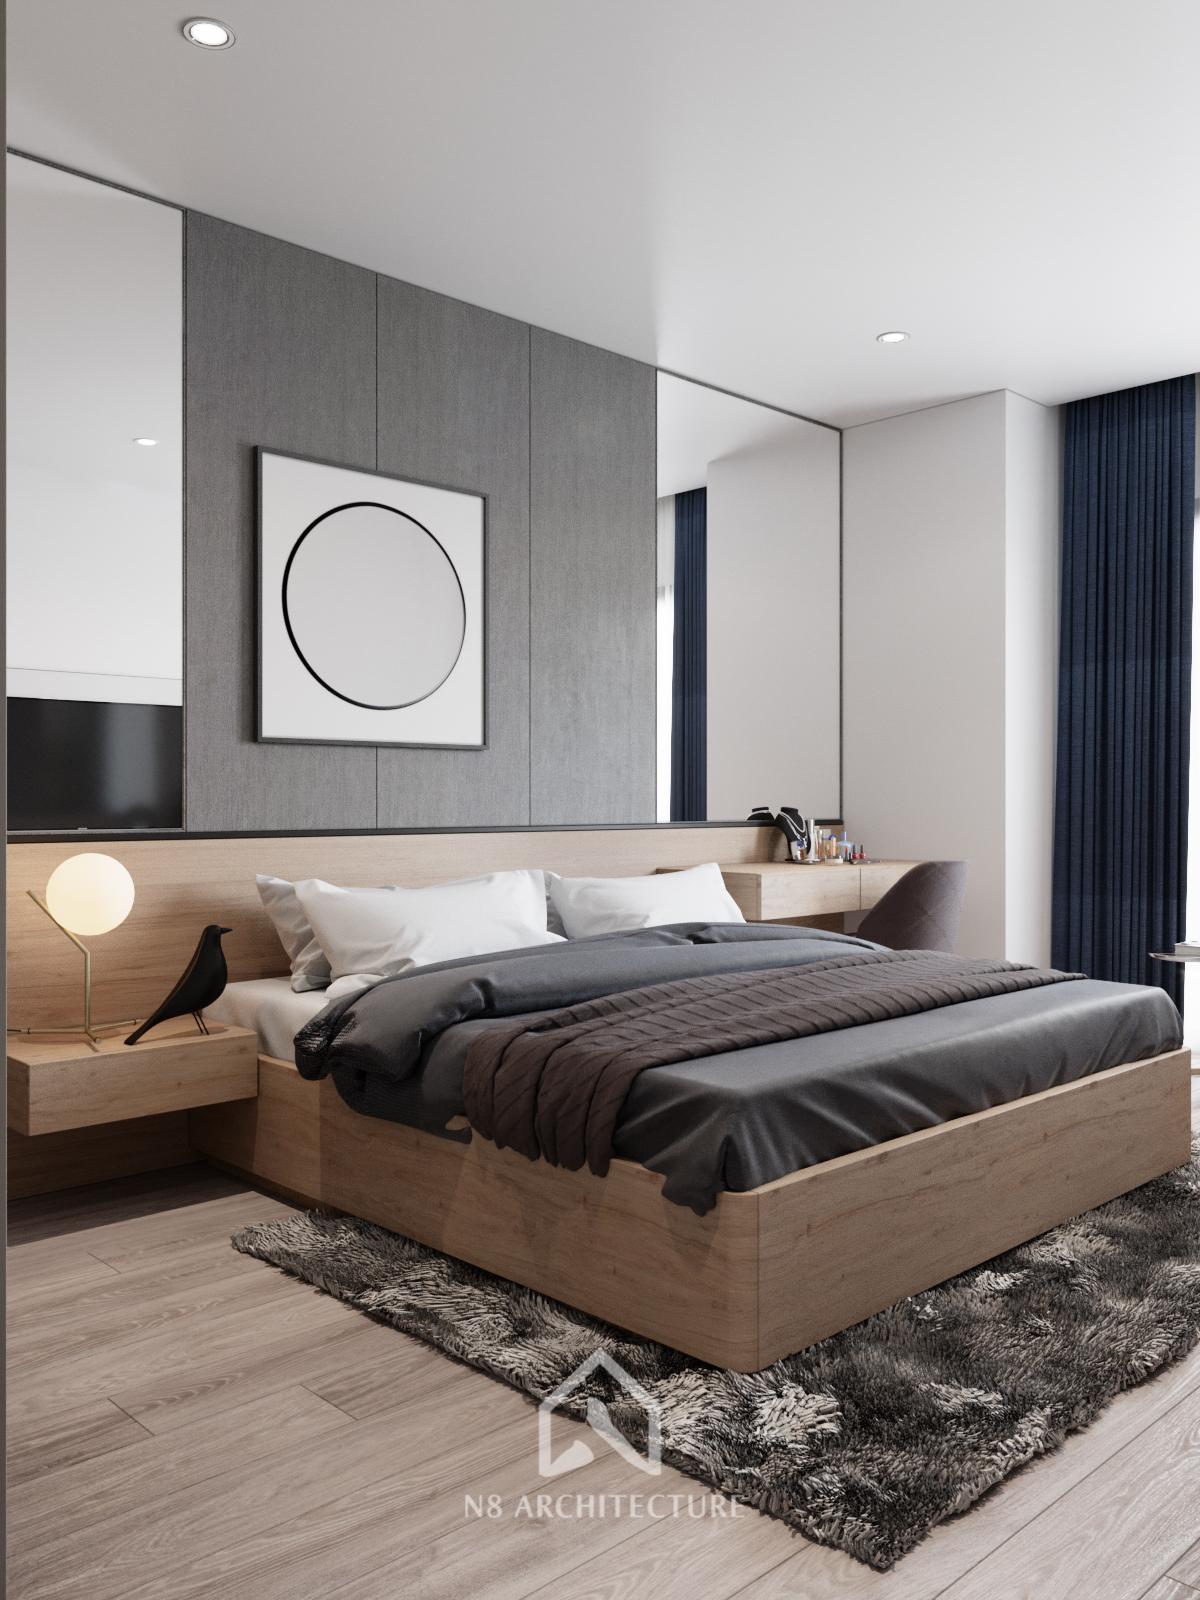 thiết kế nội thất phòng ngủ chung cư Tứ Hiệp Plaza 2